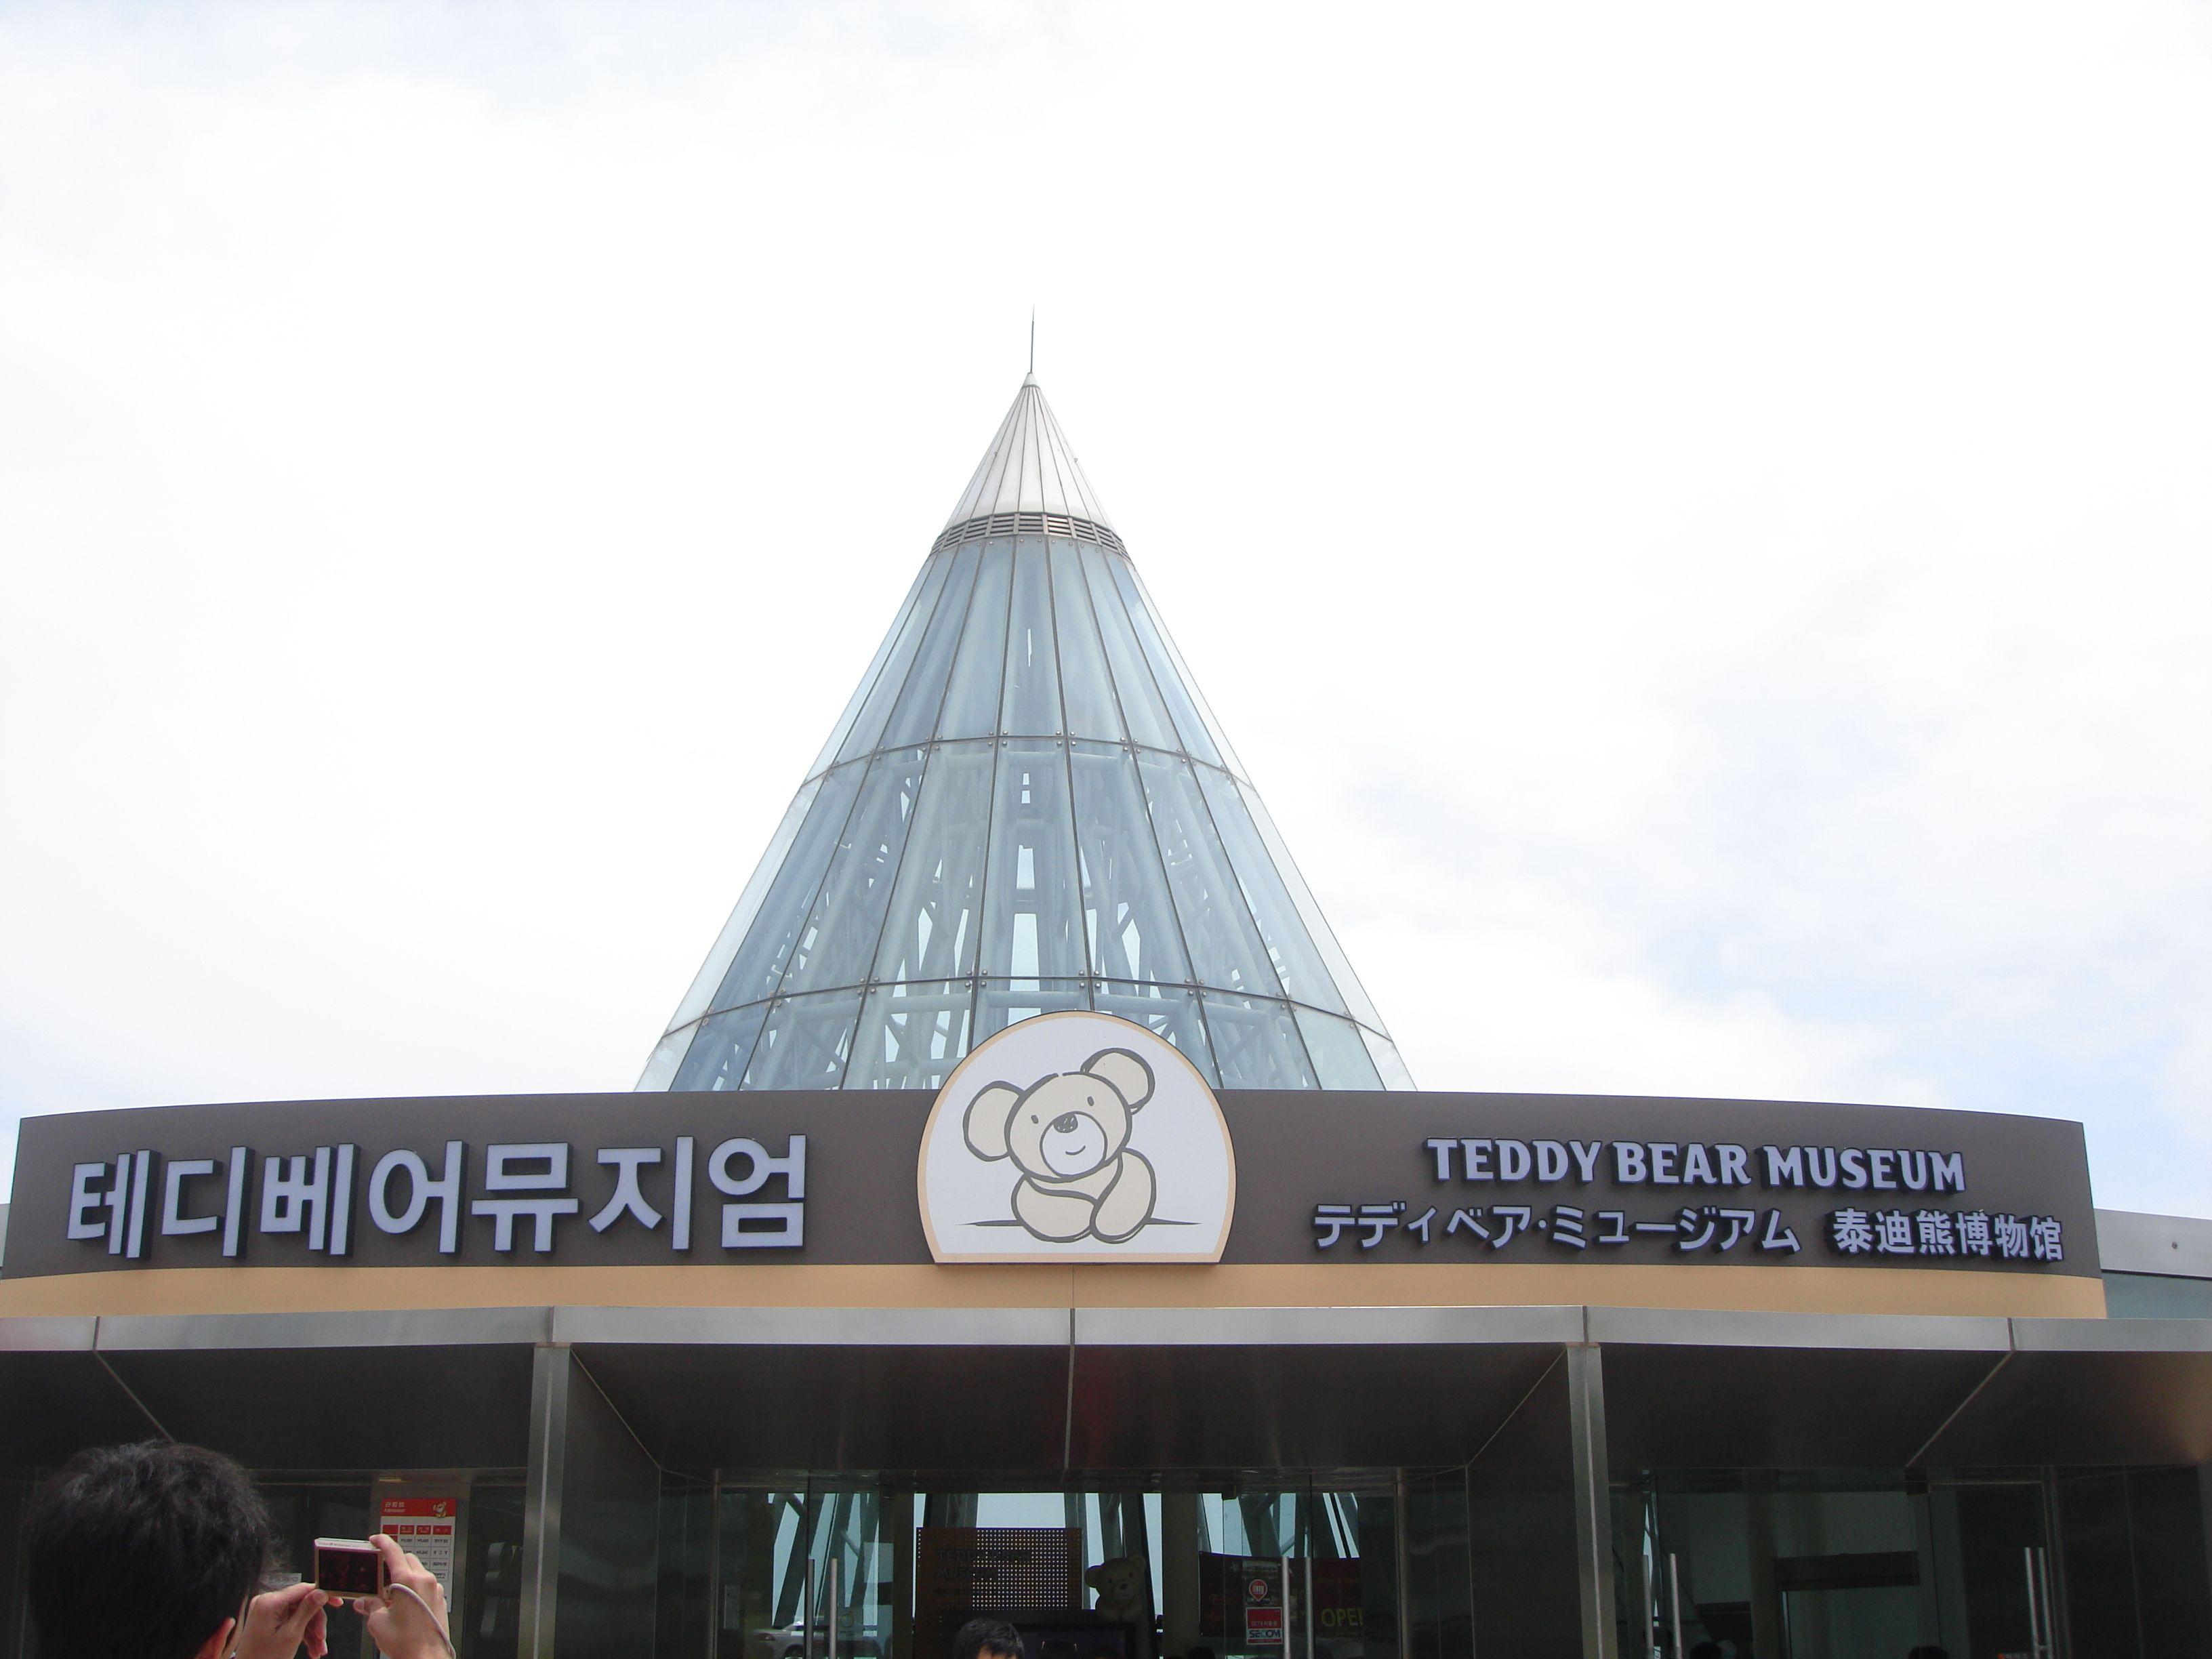 테디베어 뮤지엄 / Teddy Bear Museum in 서귀포, 제주